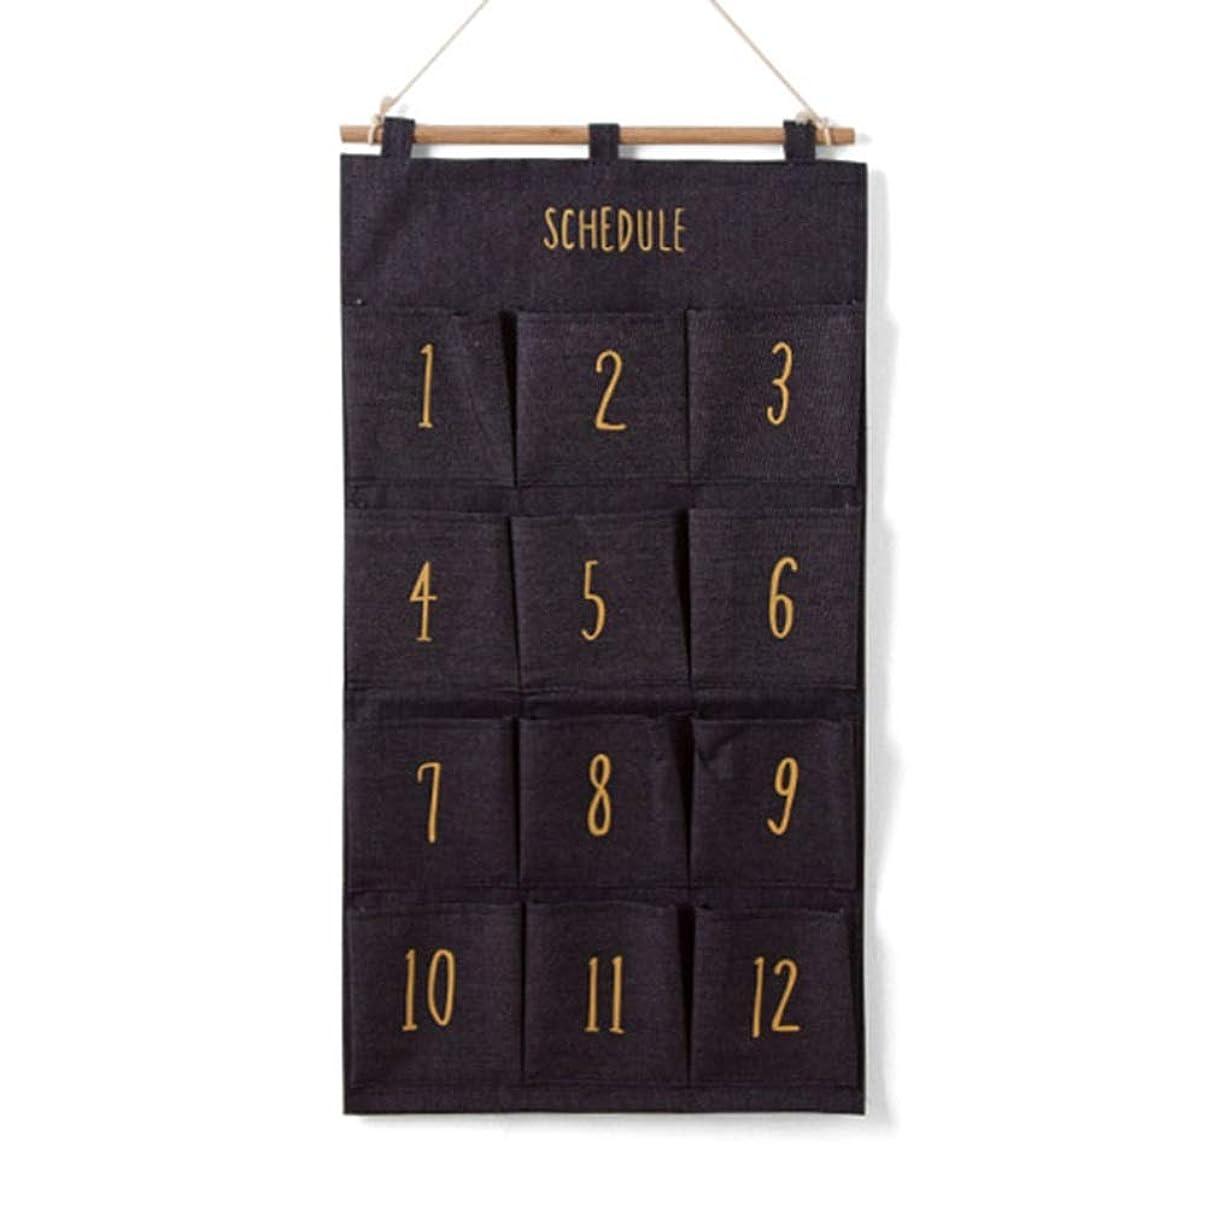 偶然のセンチメンタル貨物壁掛け収納袋ハンギングバッグ、ワードローブハンギング収納ボックスコットンウォールハンギングポケット、ウォールポケットコットン、リネンワードローブ (Color : B)